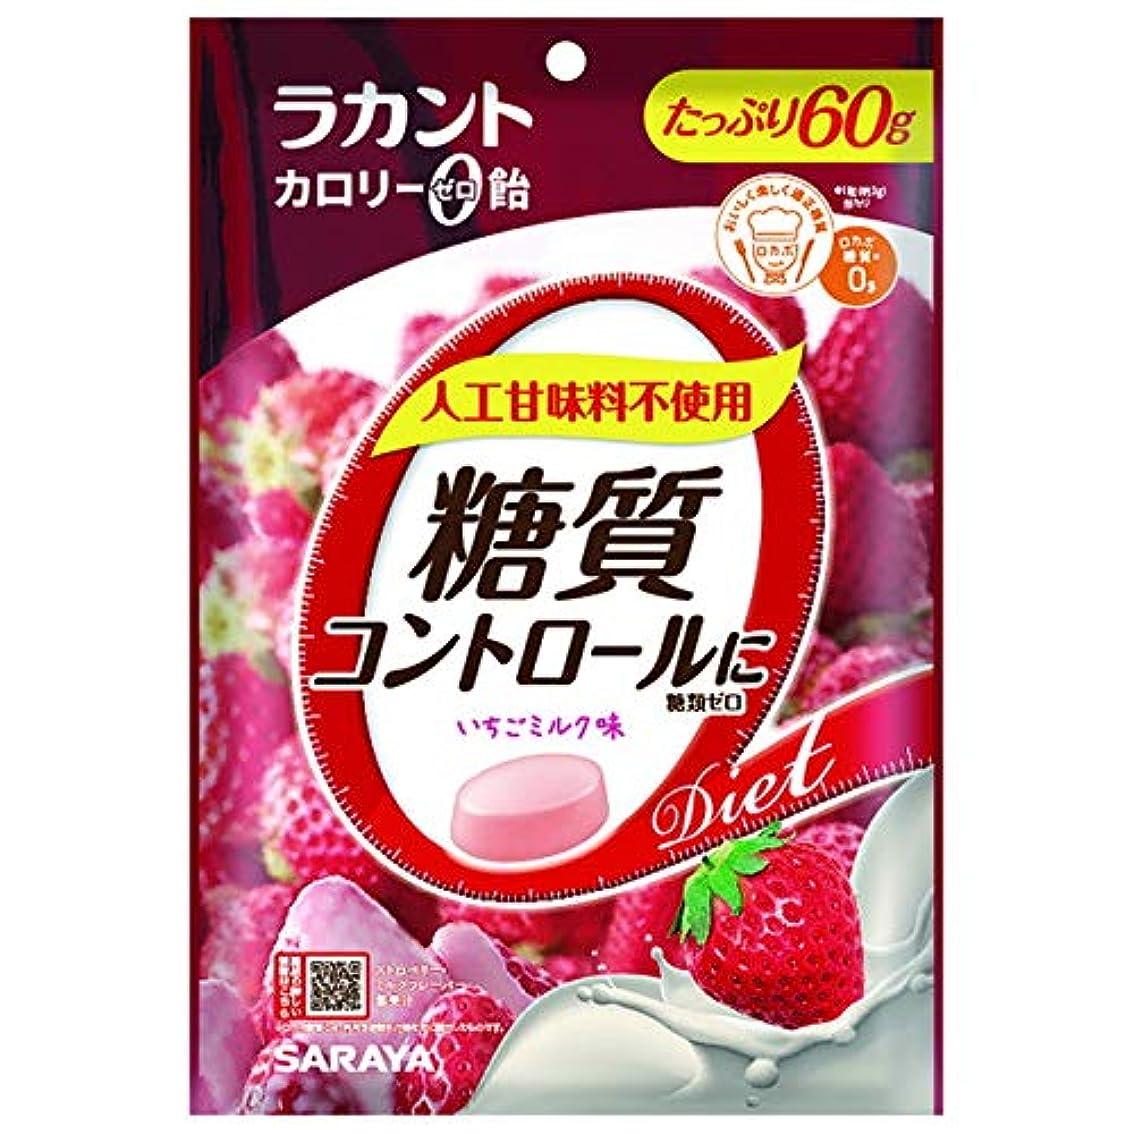 ラカント カロリーゼロ飴 いちごミルク 60g【3個セット】